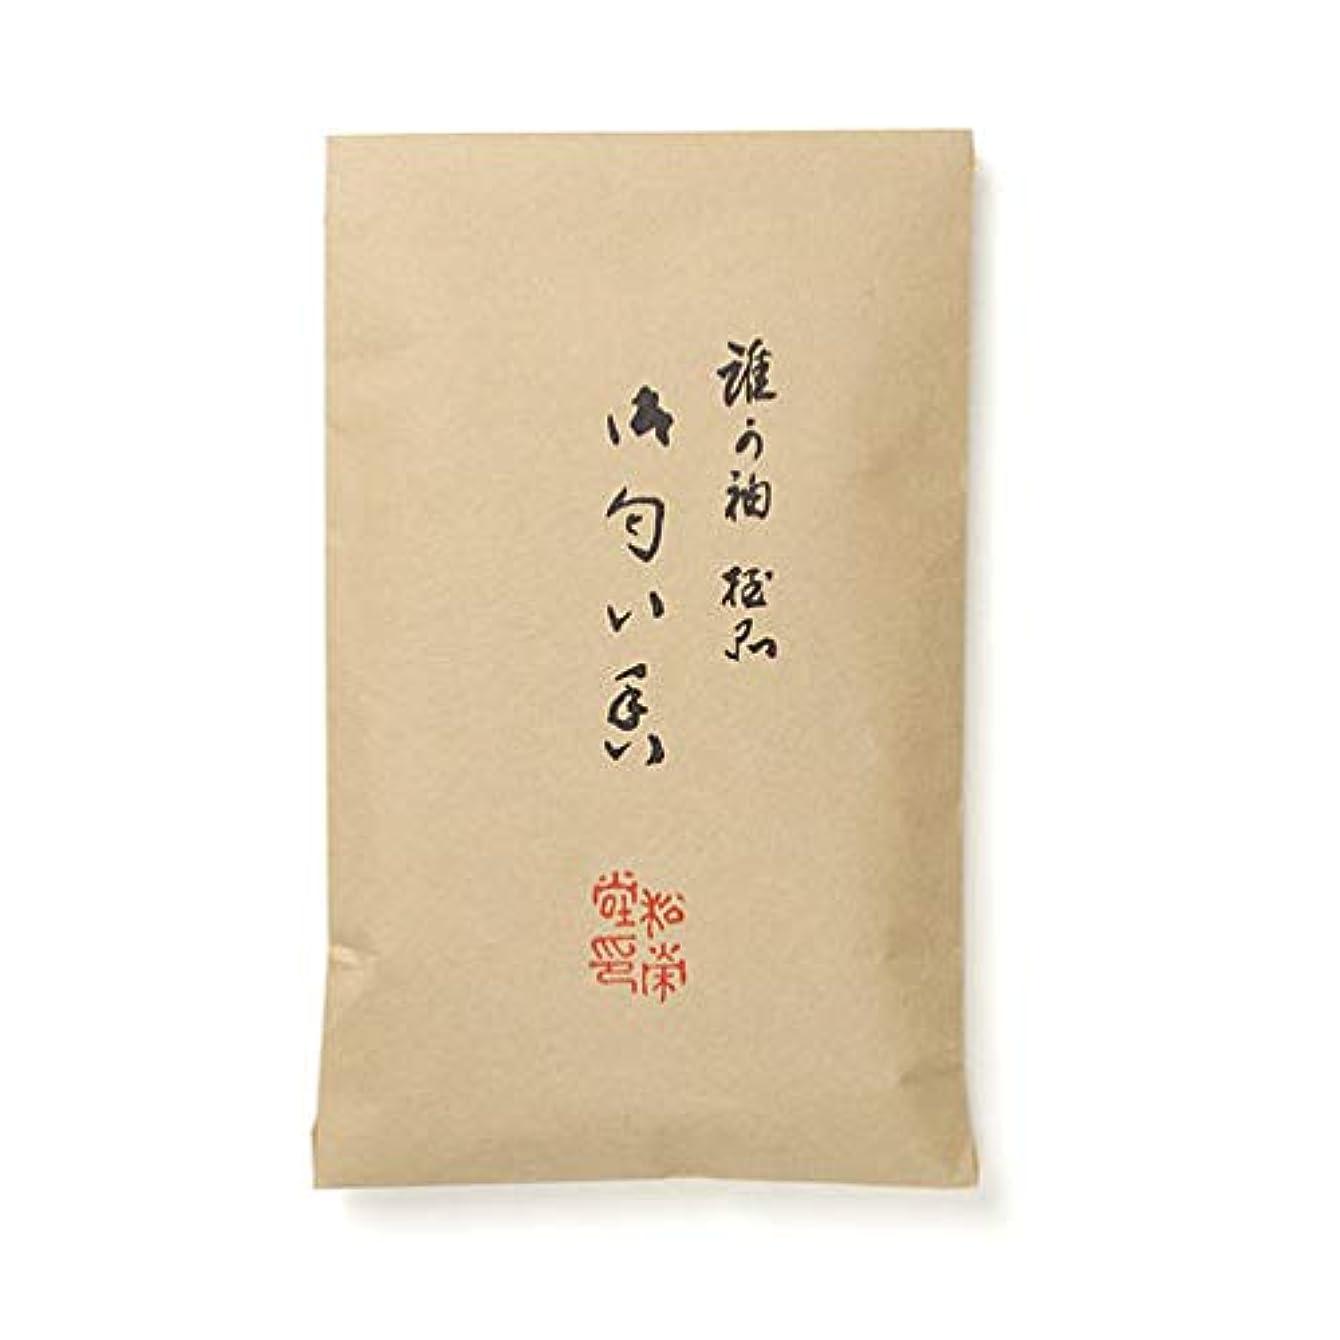 ボーダー判読できないインタビュー松栄堂 誰が袖 極品 匂い香 50g袋入